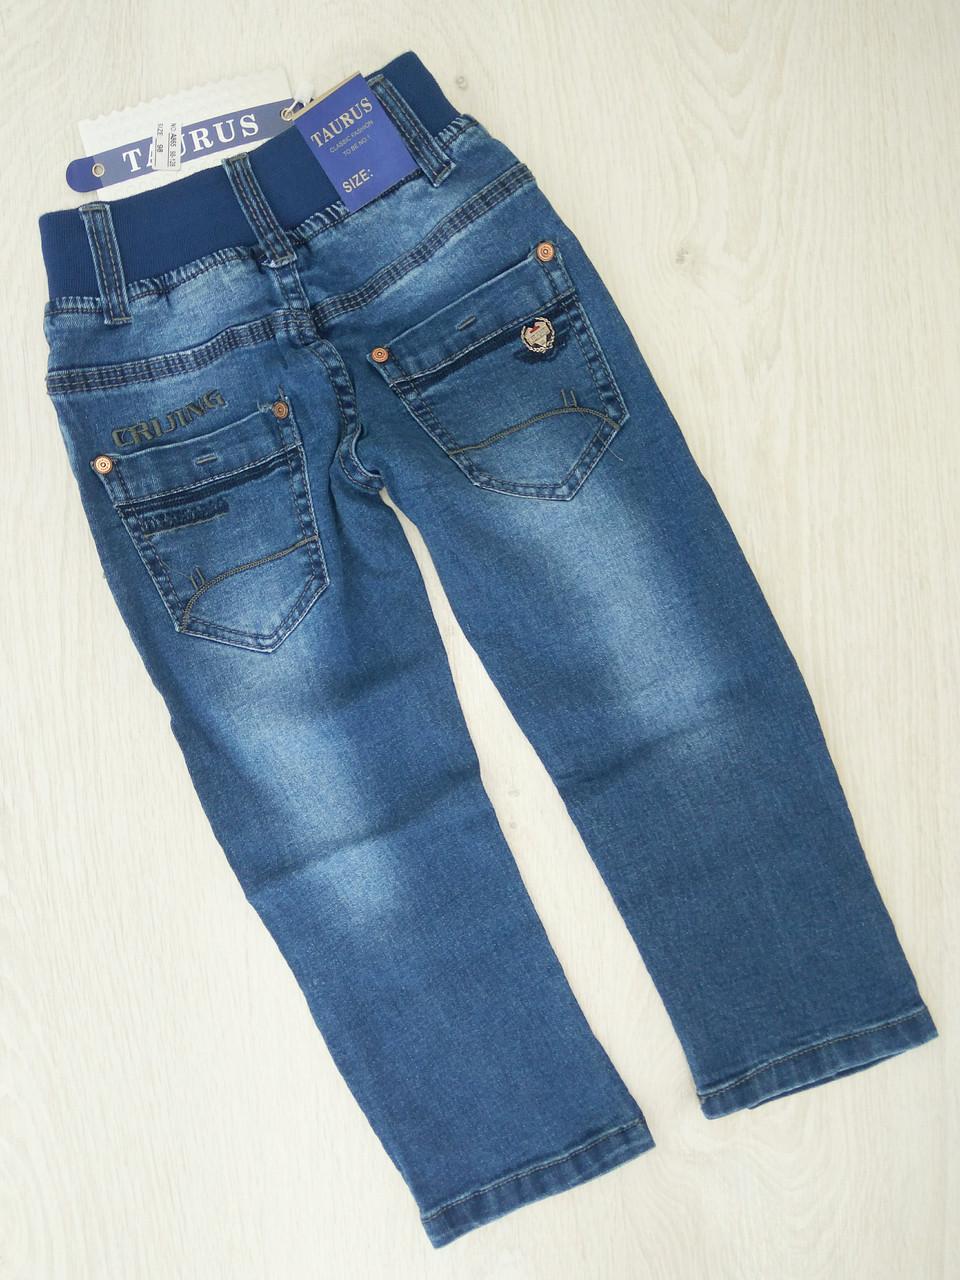 Джинсовые брюки для мальчиков, Венгрия ,Taurus , арт. 865, 110 см